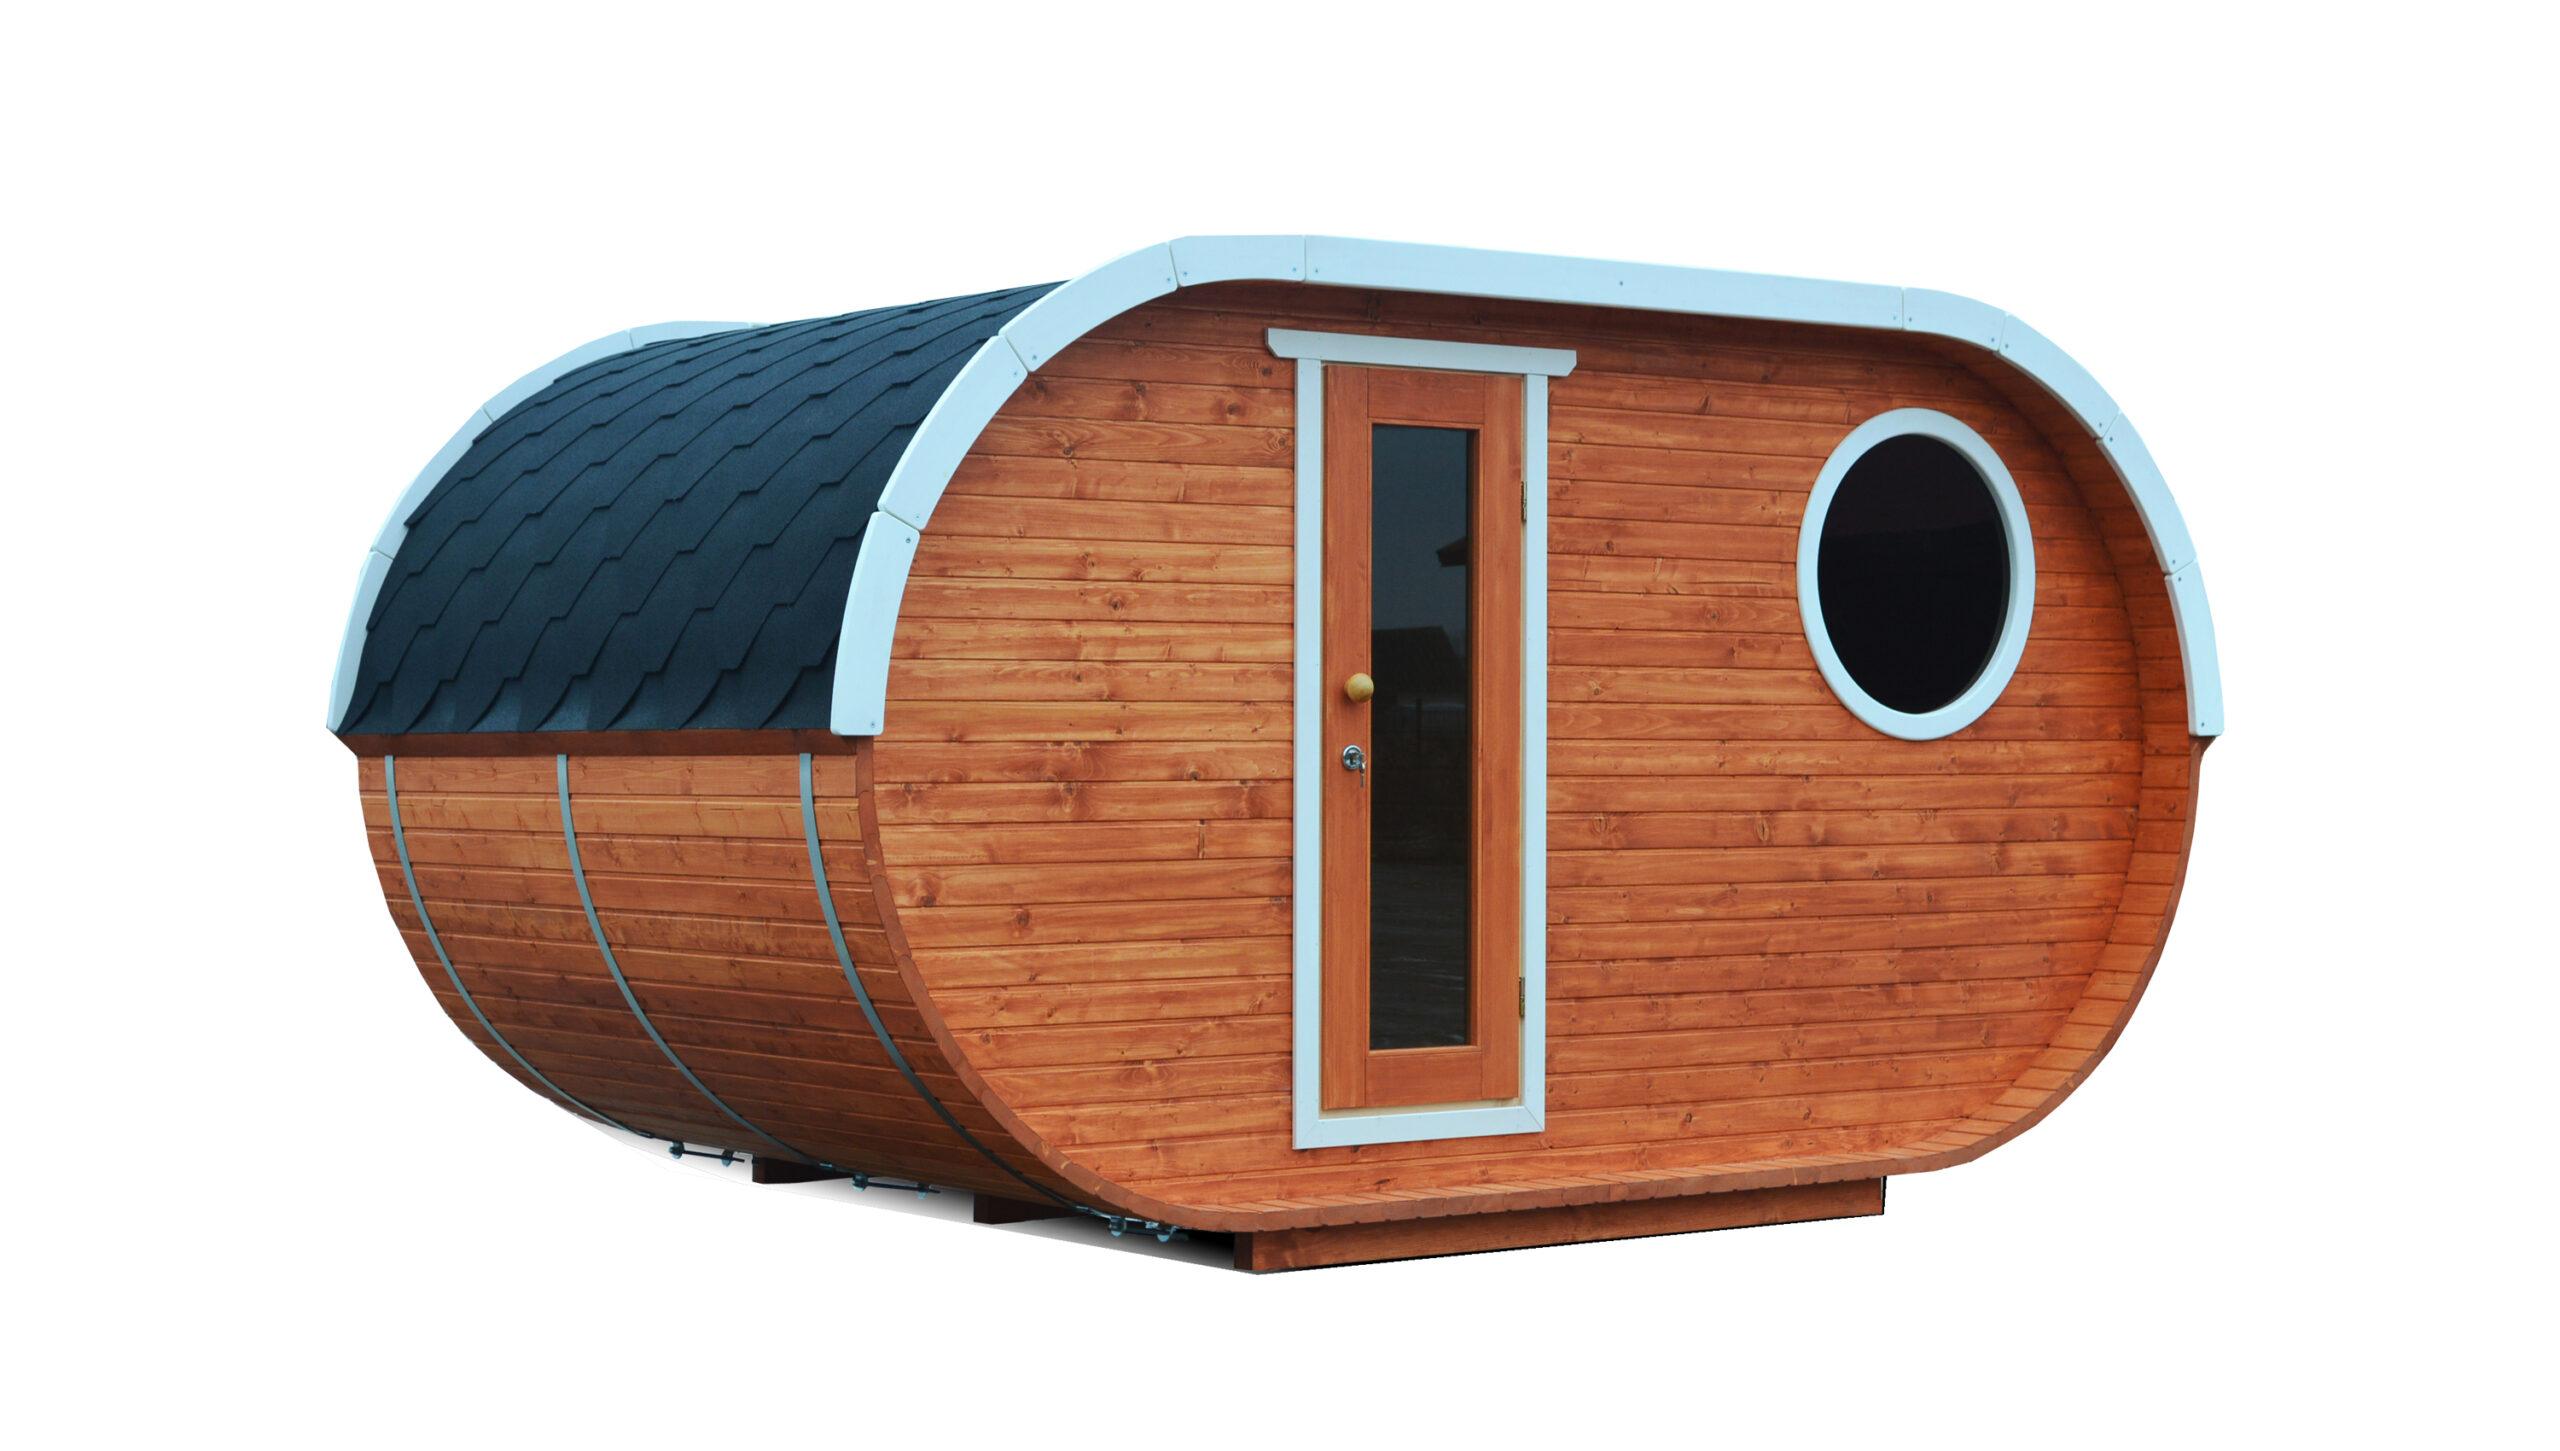 Full Size of 1 Rumig Ovale Fasssauna Bausatz Wohnzimmer Gartensauna Bausatz